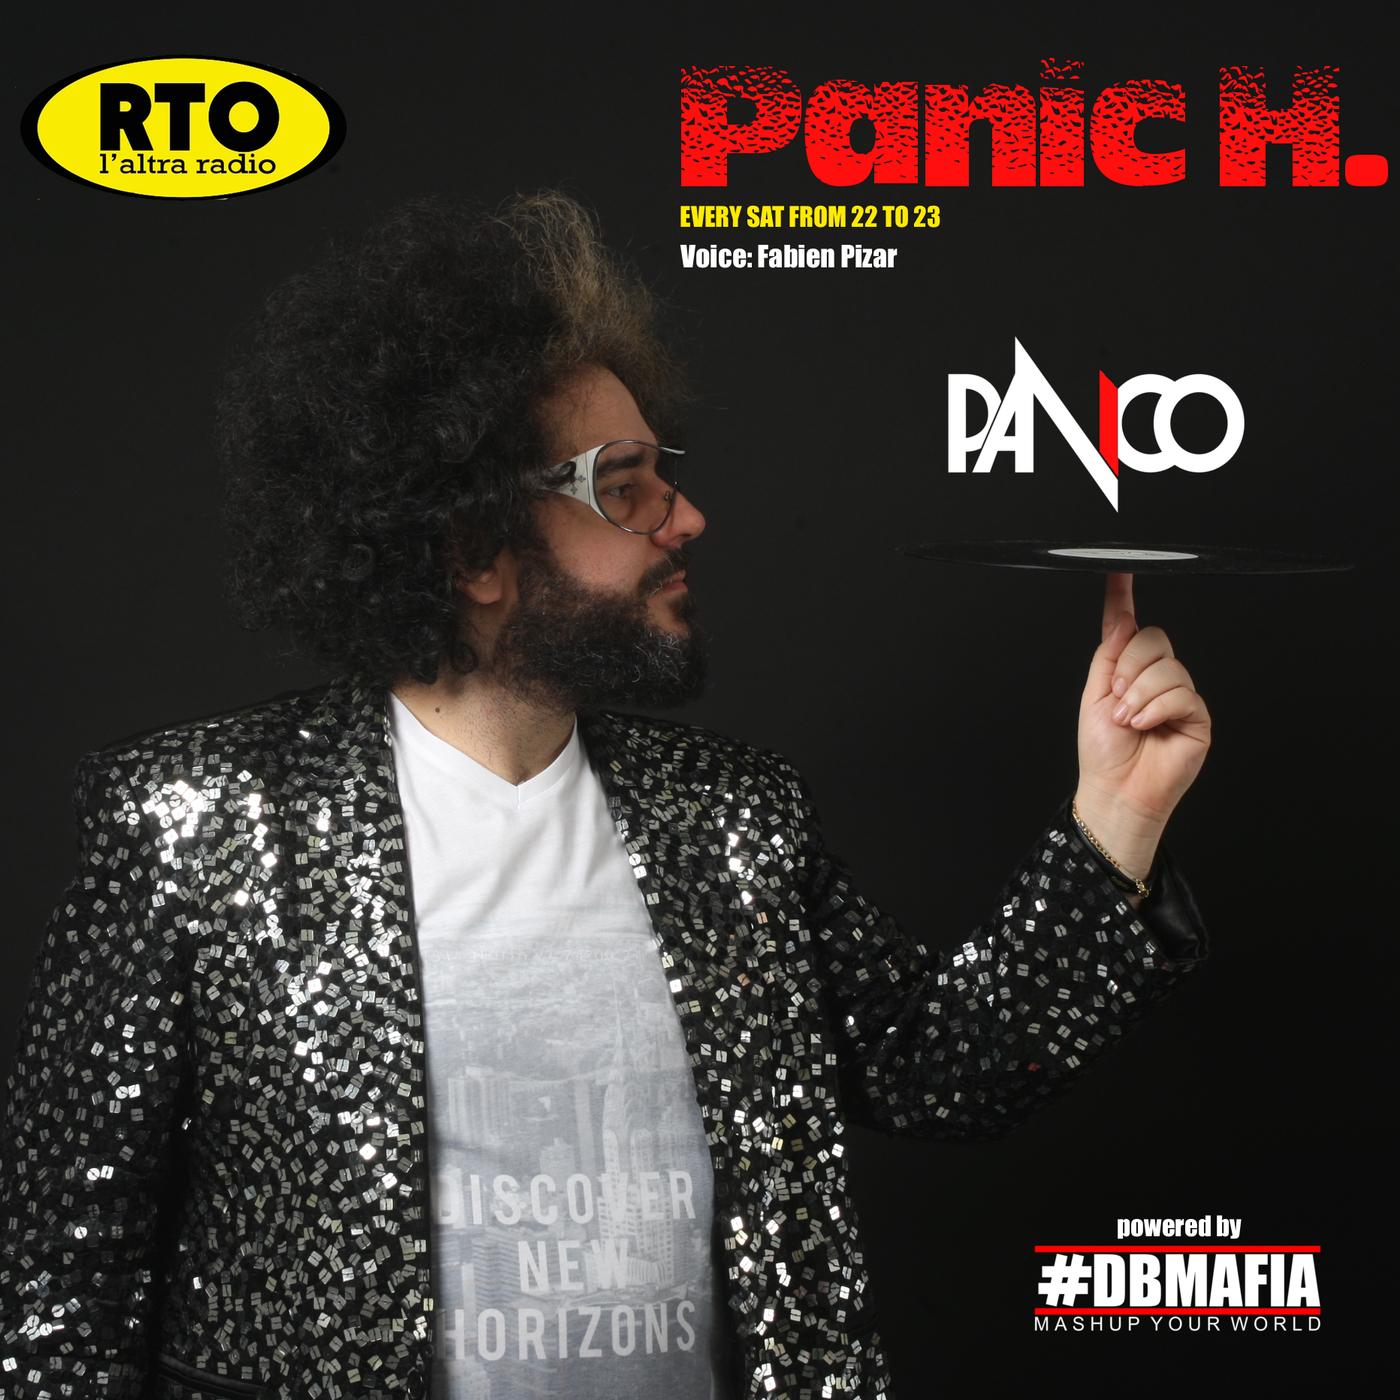 PANIC H. (Panic House- powered by #DBMAFIA)